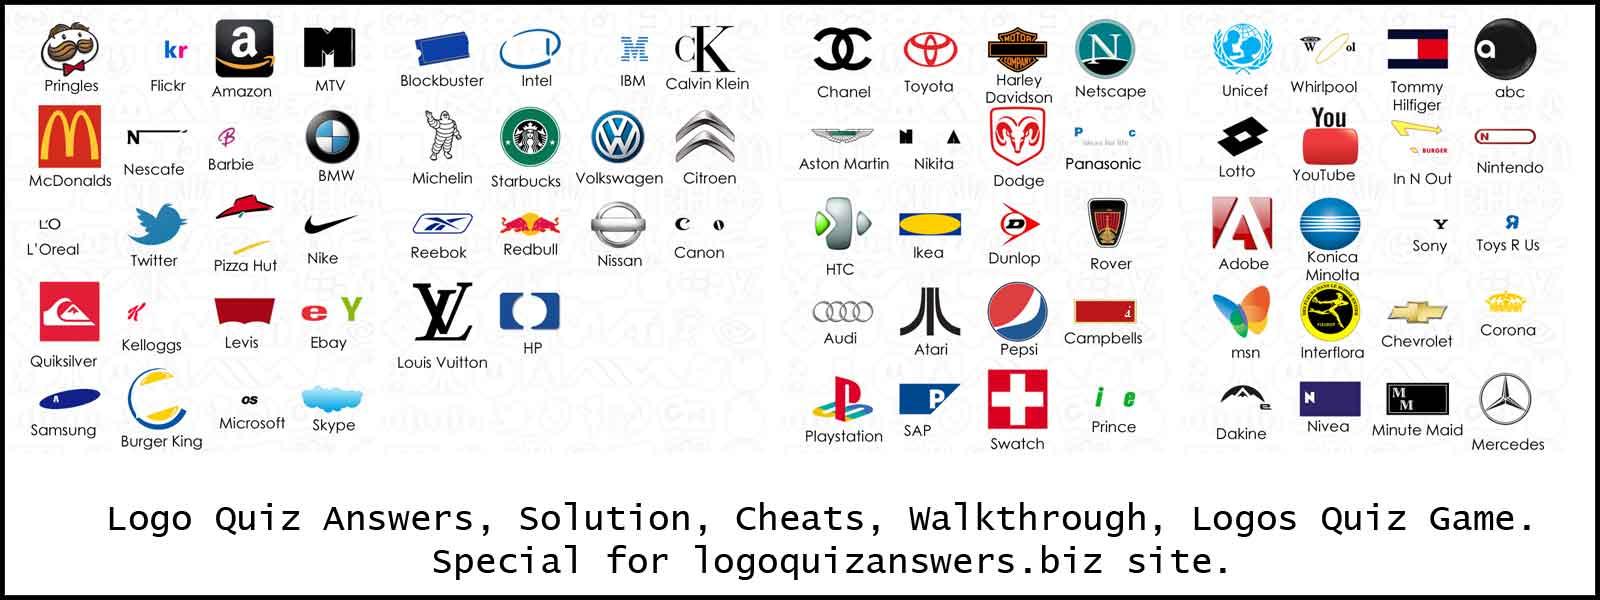 очень ответы на лого квиз с картинками страна, которая